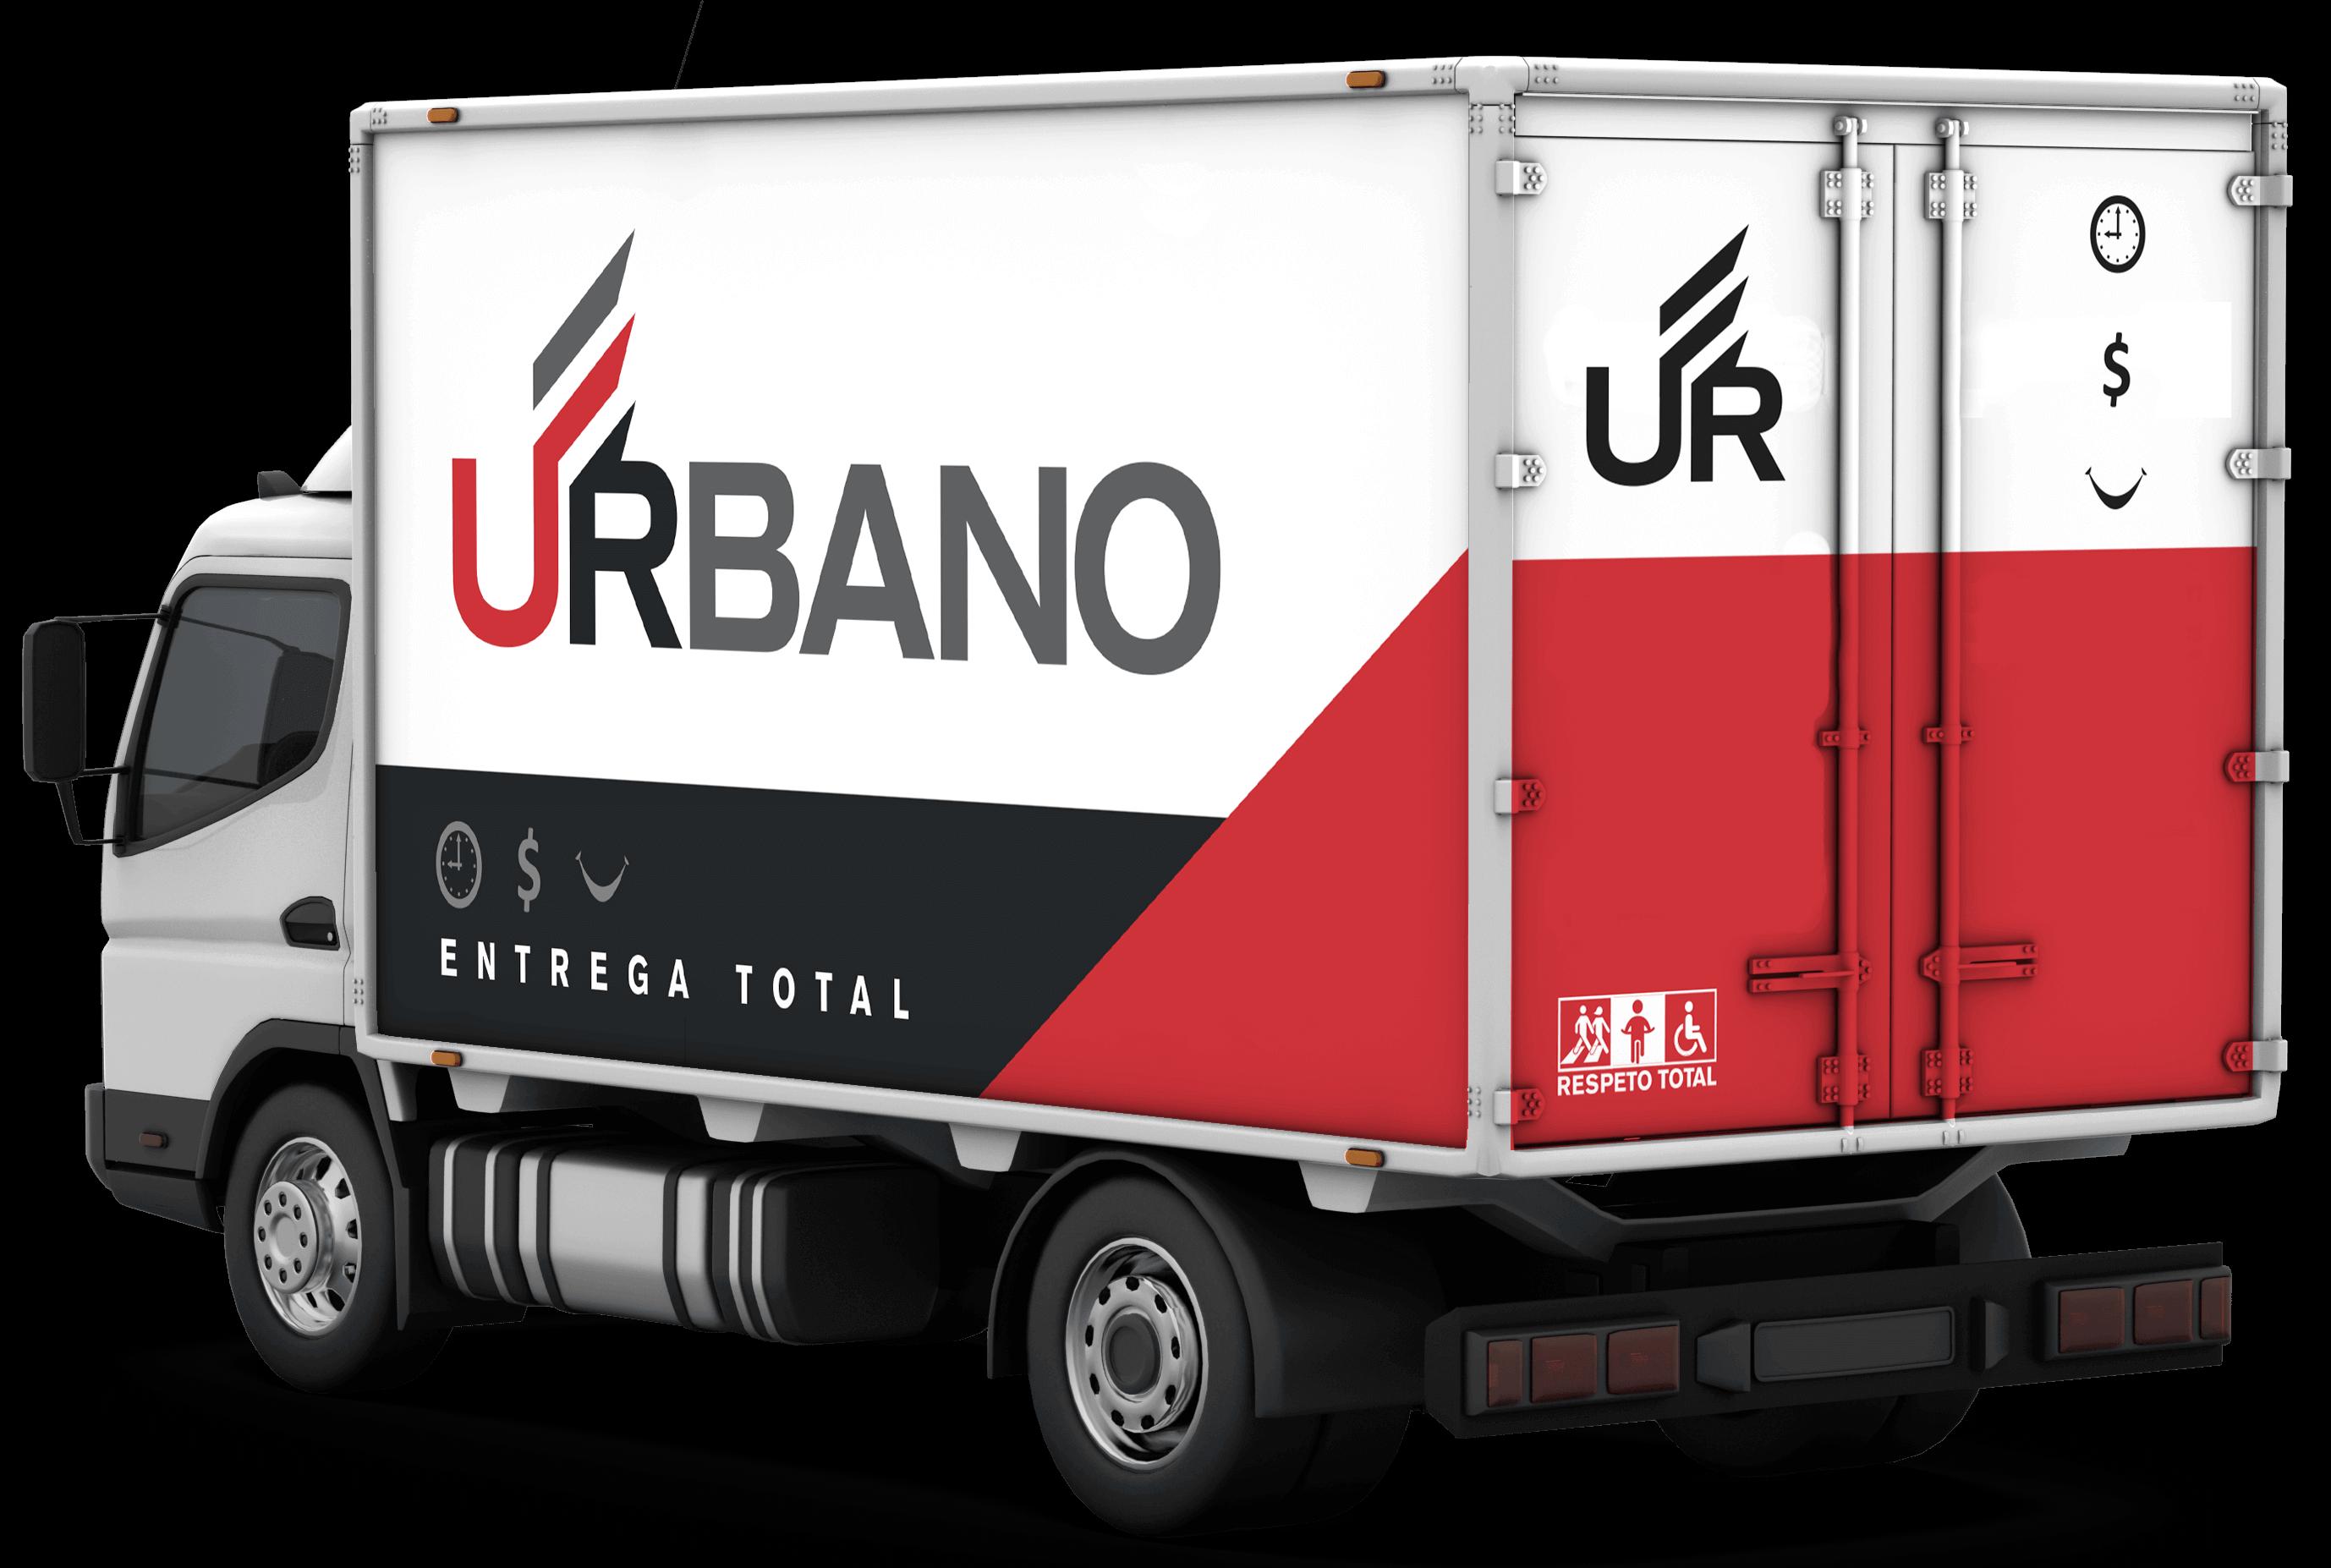 camion_entrega_urbano